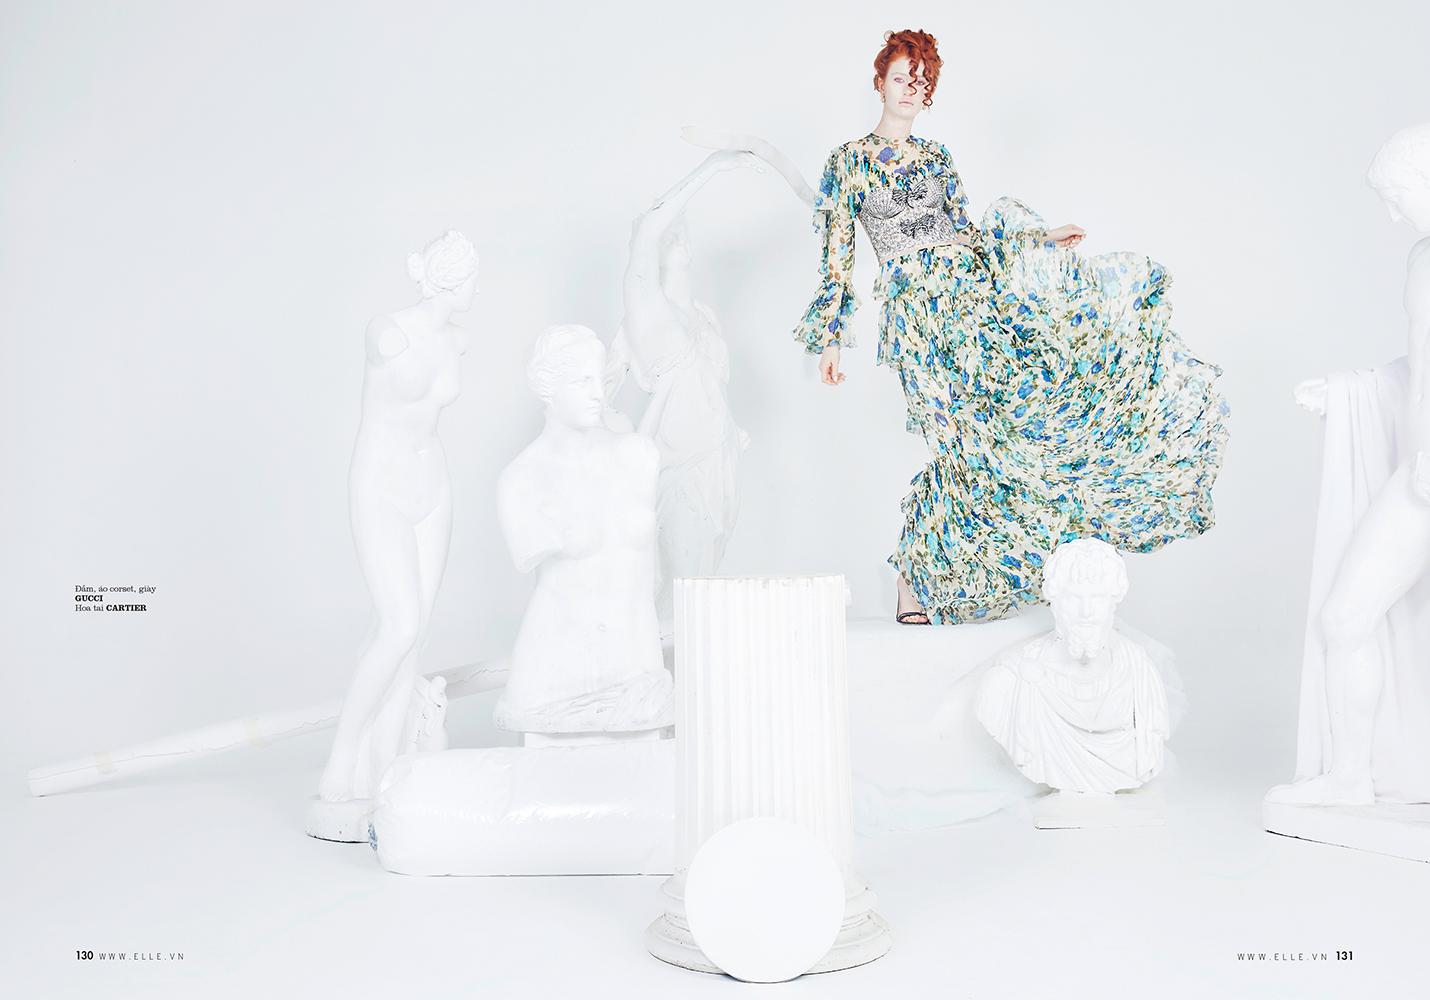 126-137-Fashion-Well1-©-5web.jpg